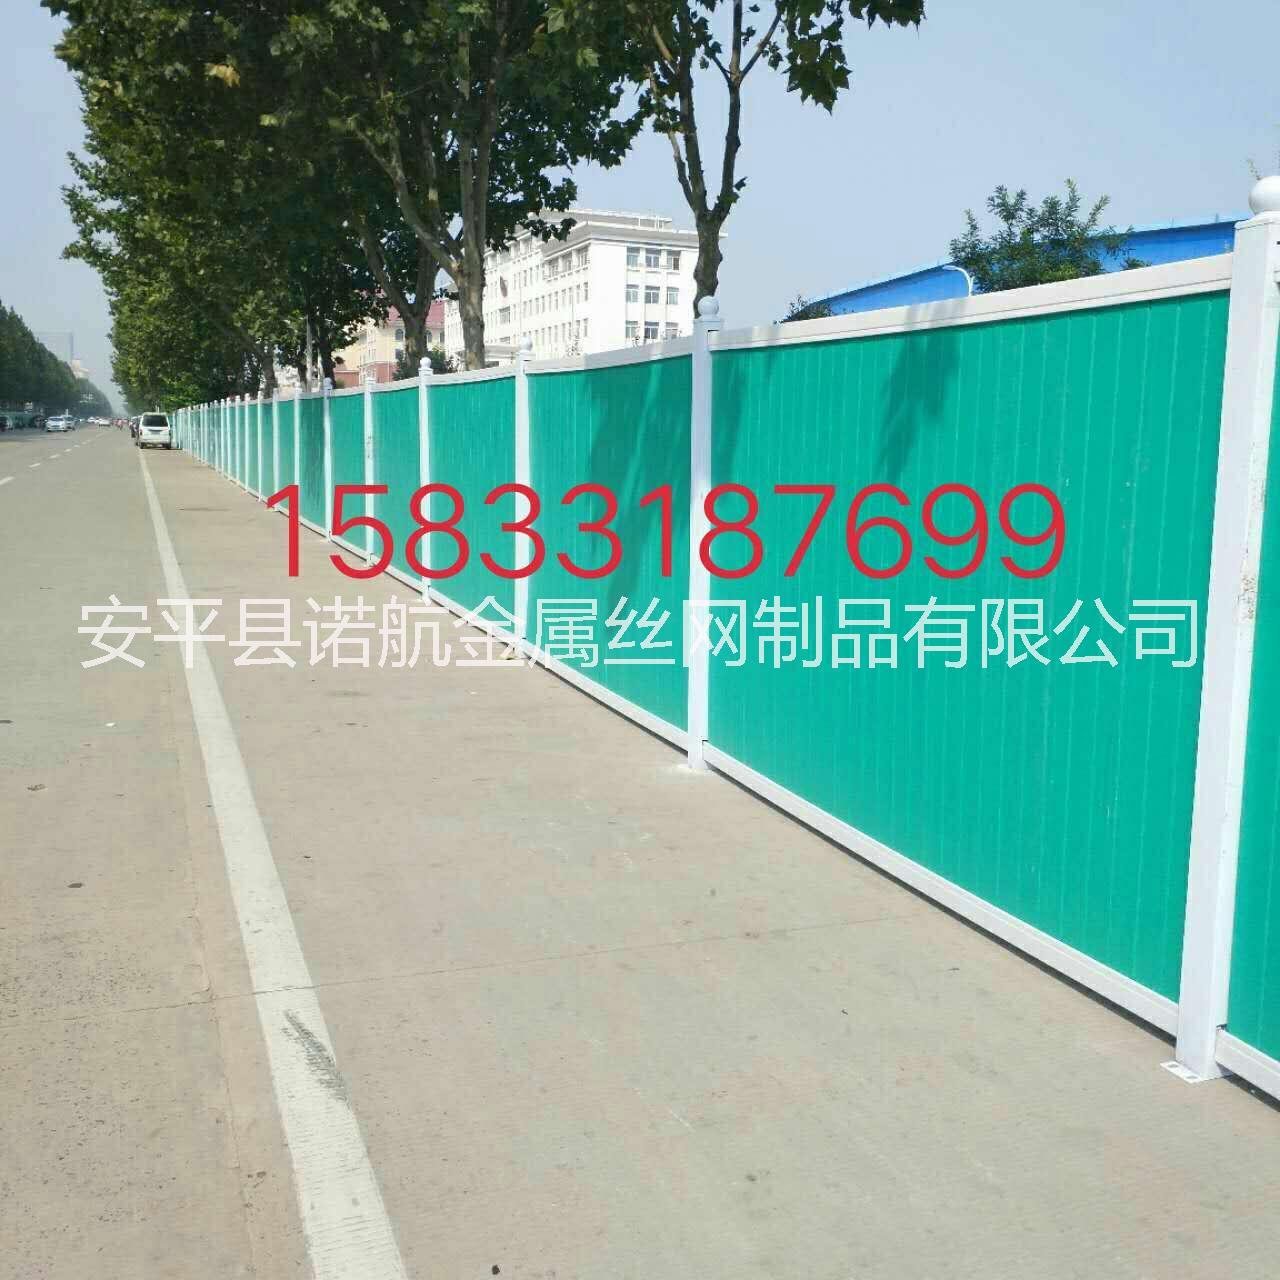 安平诺航丝网供应绿色PVC围挡